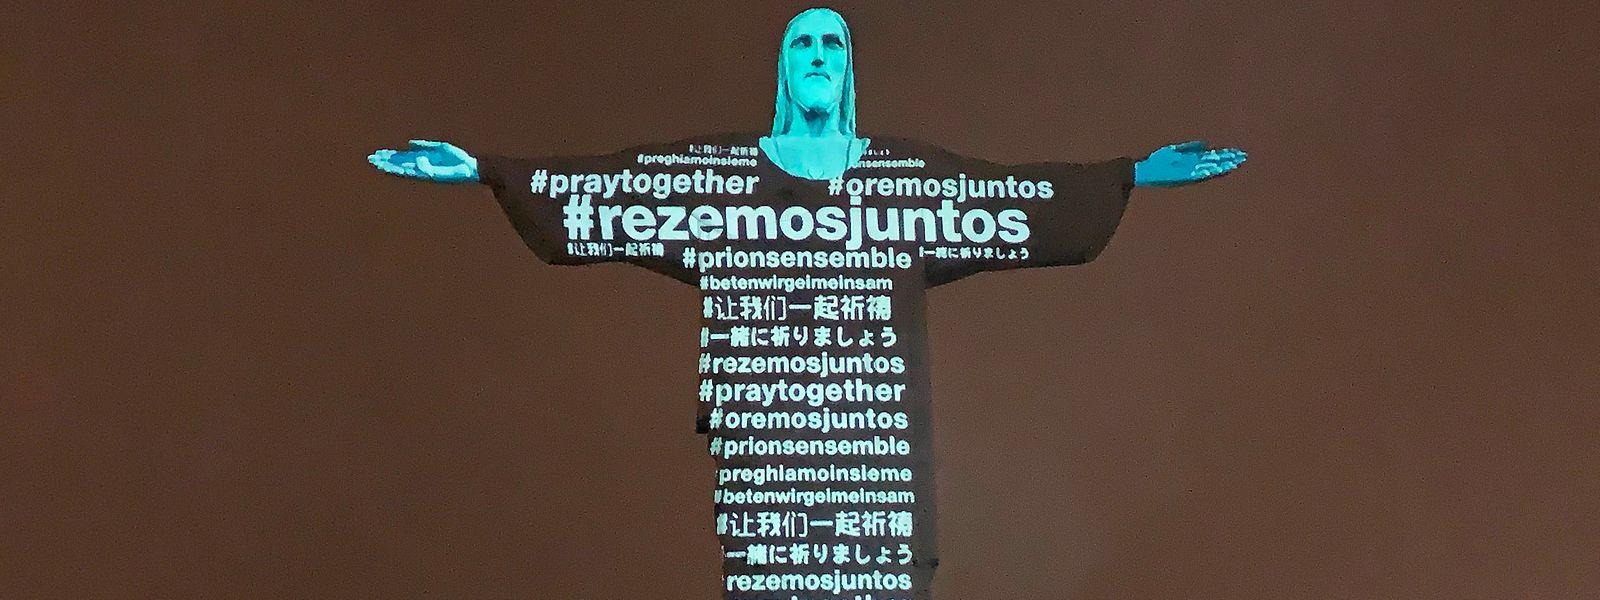 Le Christ Rédempteur arbore un message de soutien à tous les pays dans leur lutte contre le coronavirus dans la nuit carioca